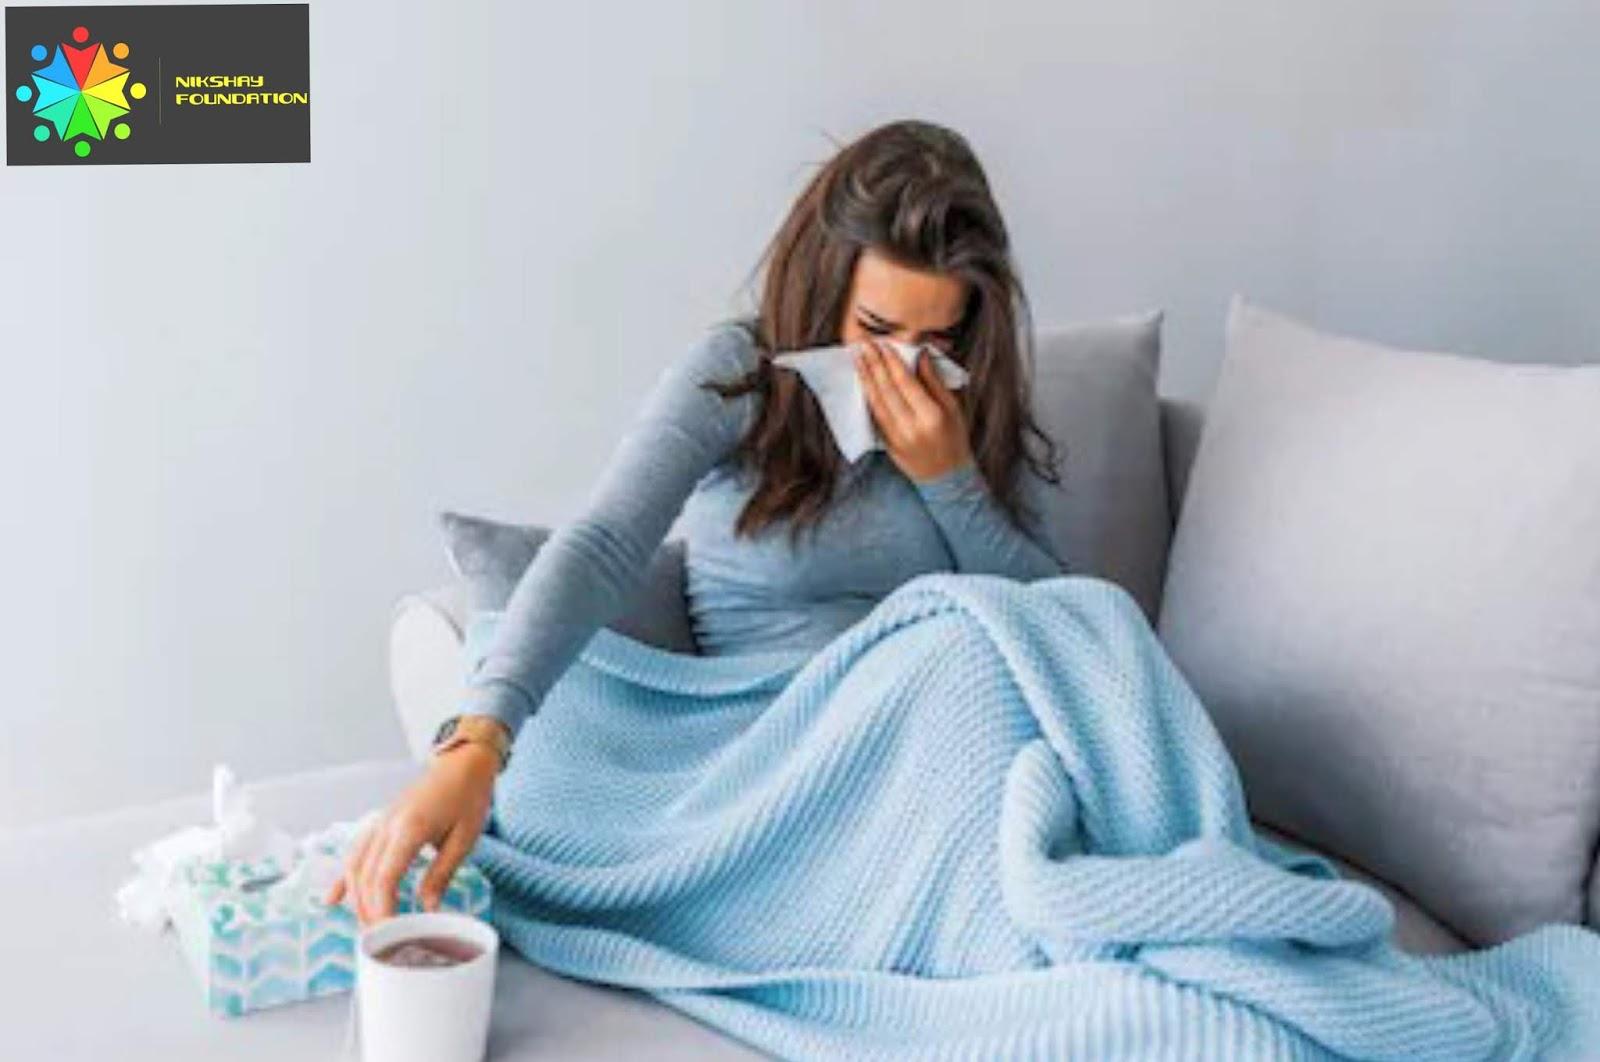 tuberculosis+symptoms